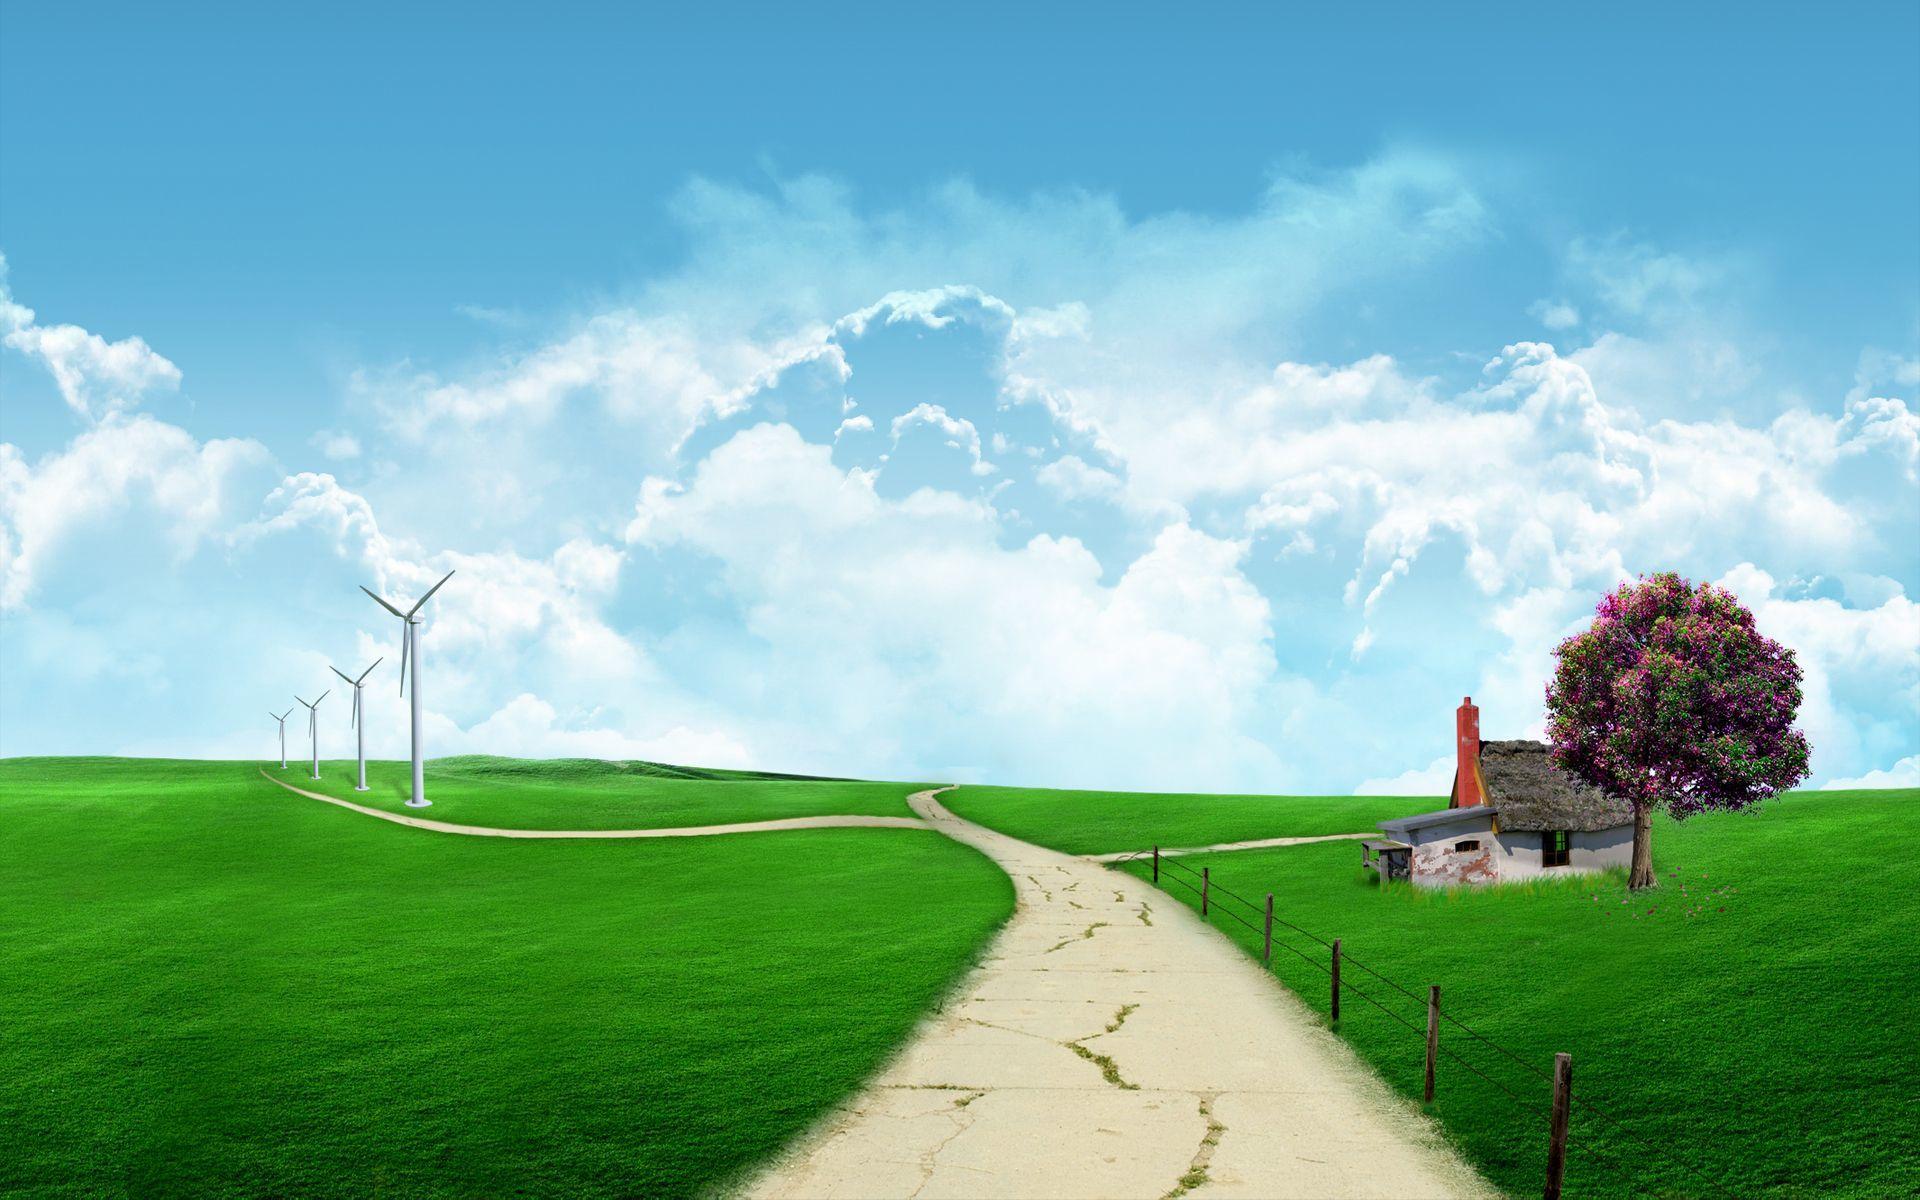 Wallpaper Hd Nature Scene